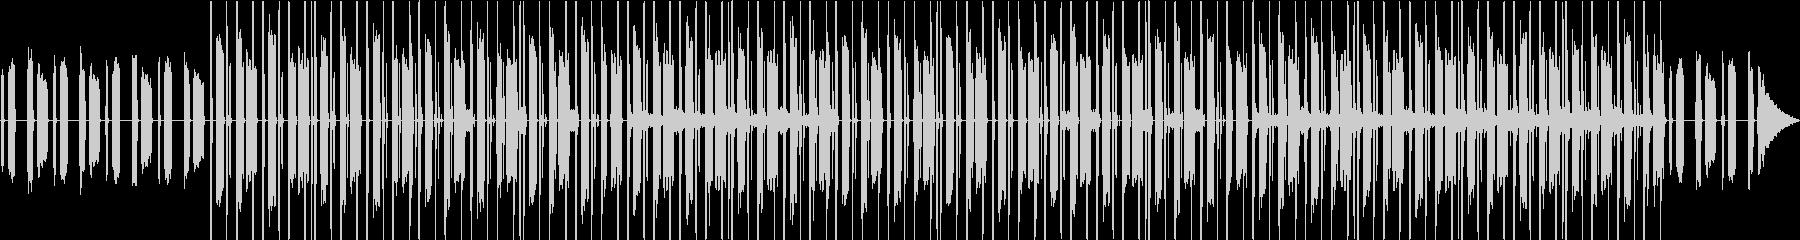 ゴスペル感・チルアウト・家カフェVlogの未再生の波形